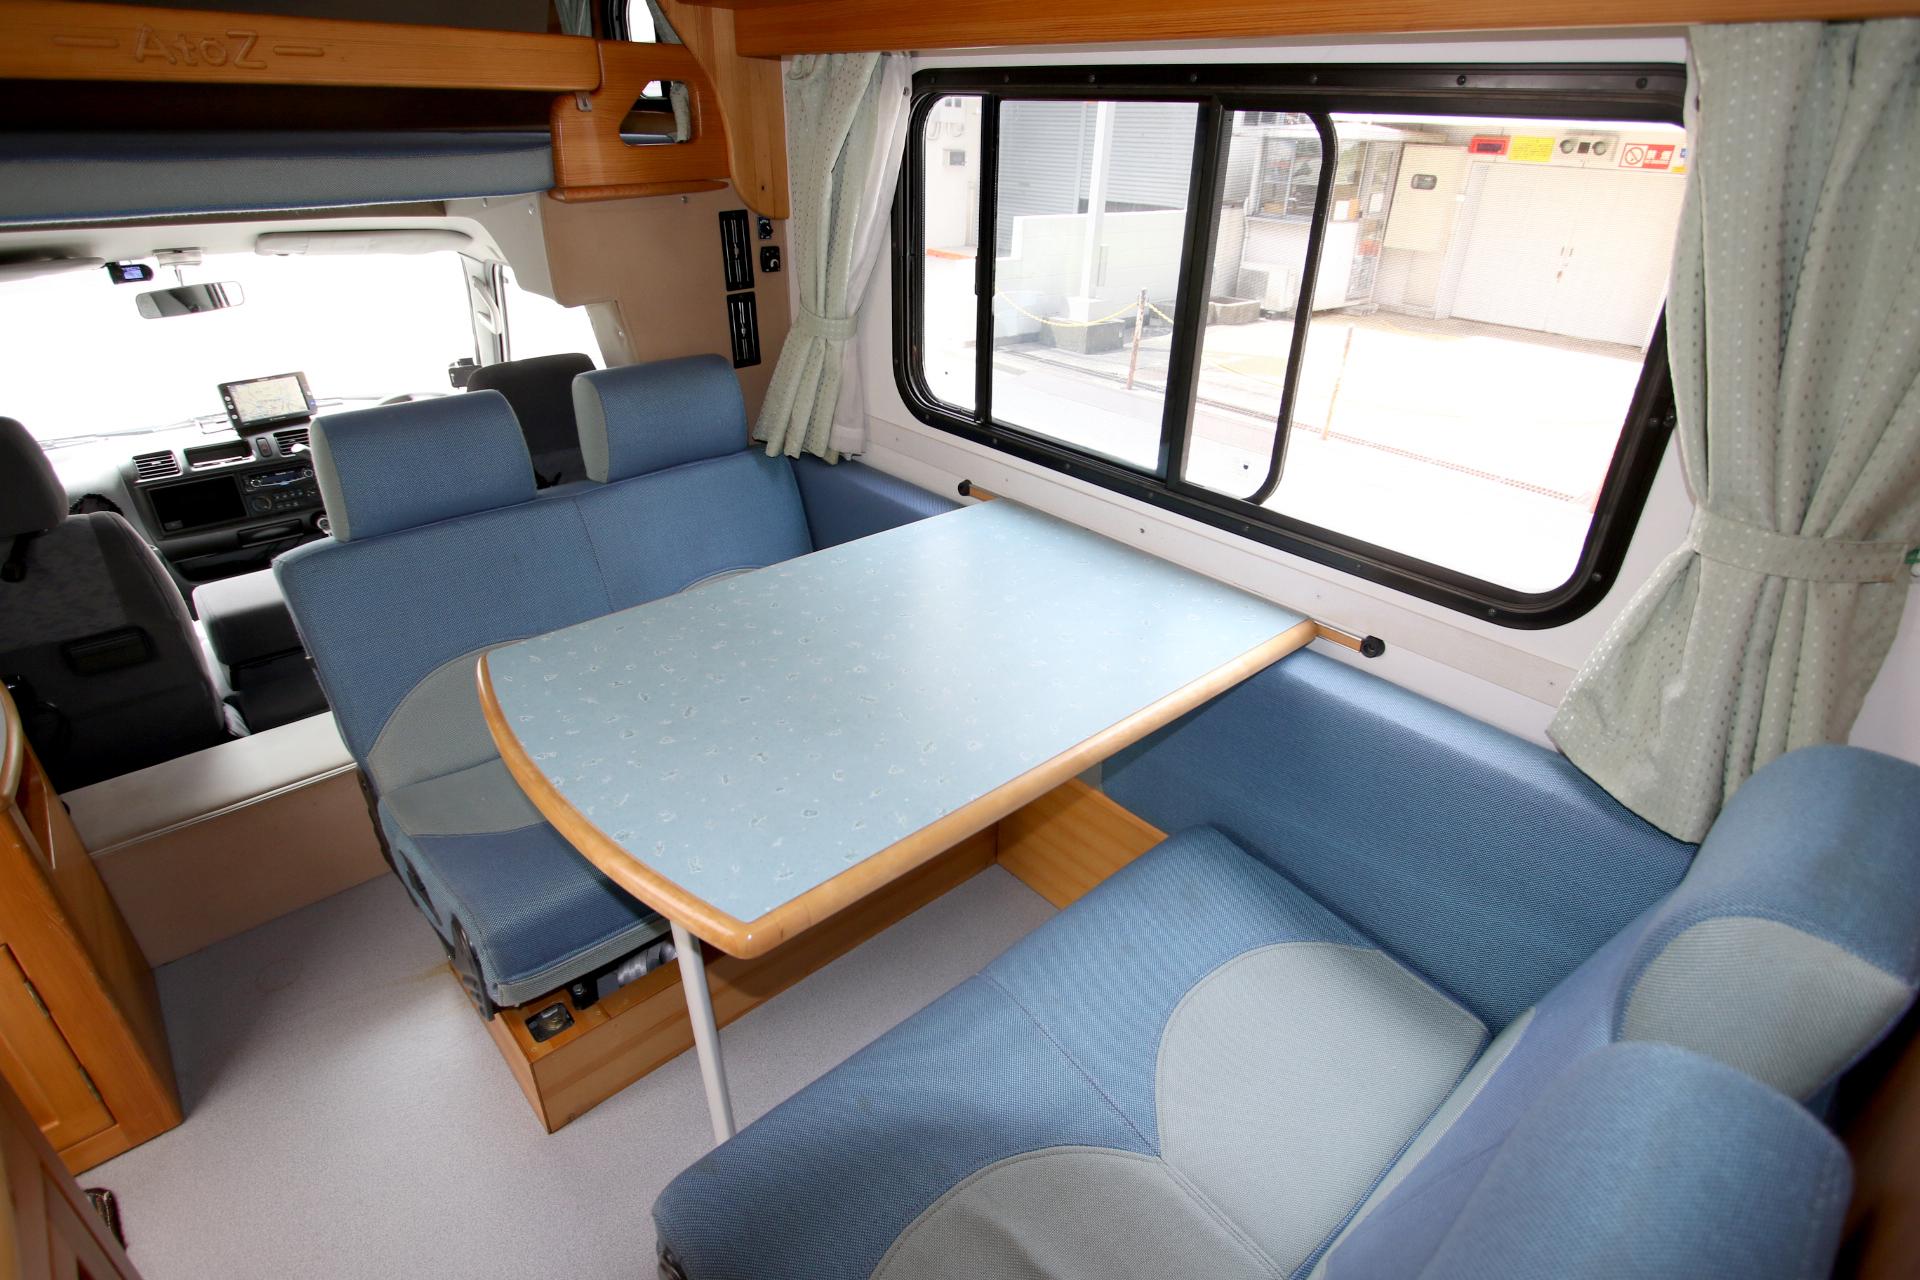 内観( 4人がけ後部座席とテーブル。テーブルを外し、シートを展開するとベッドになります )